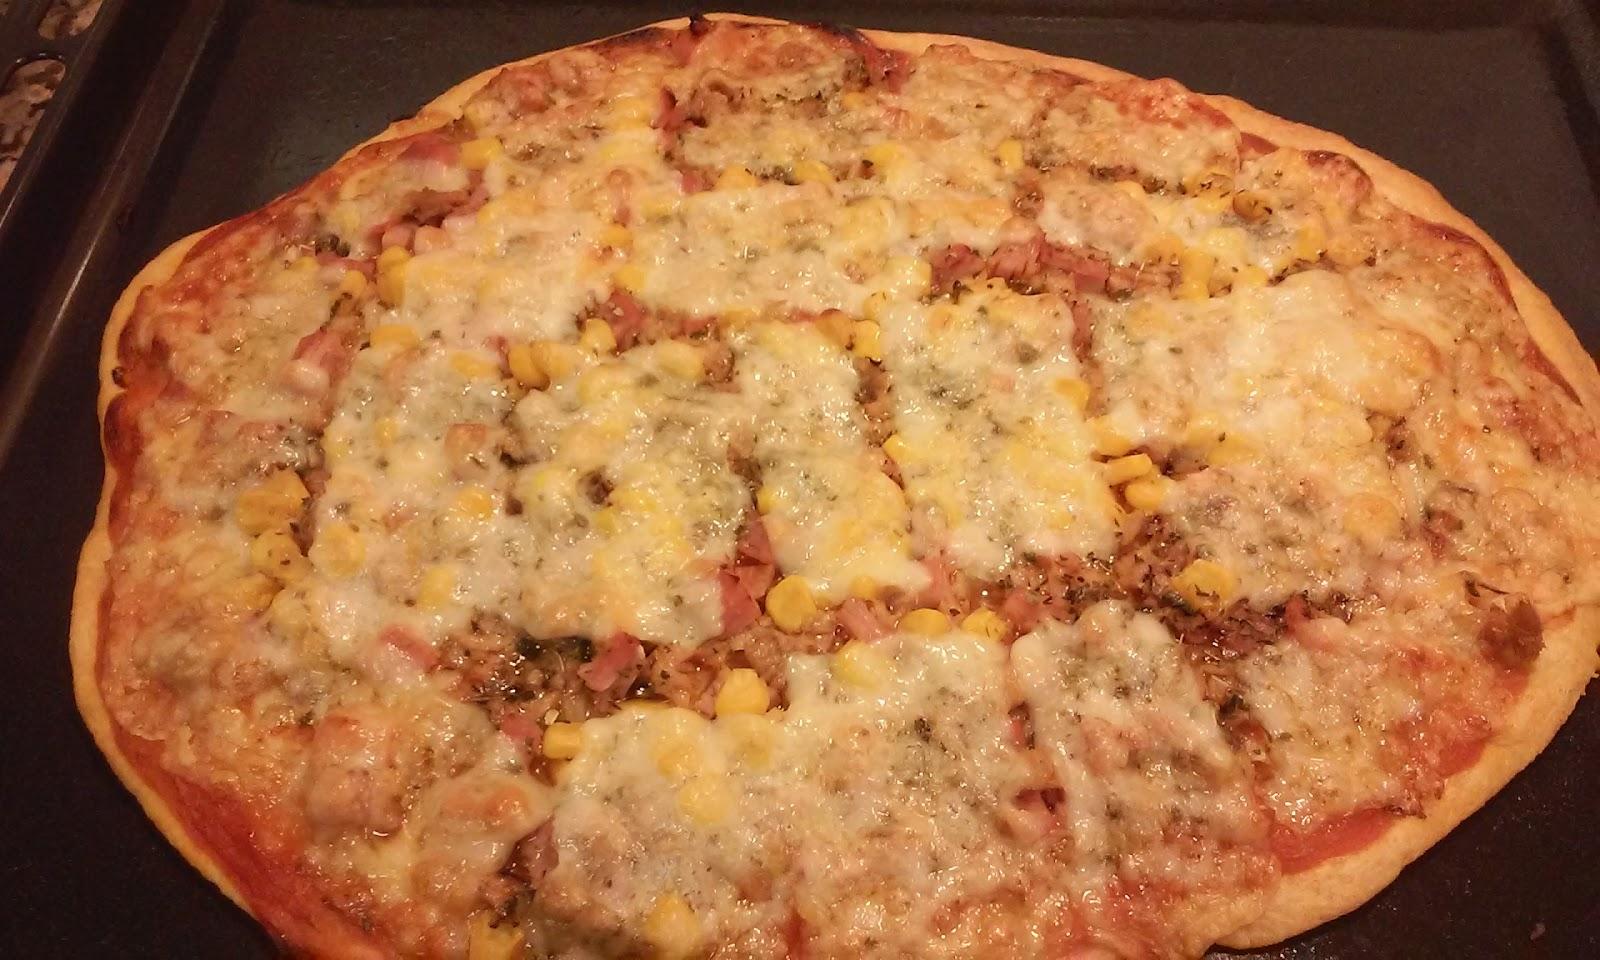 pizza recien sacada del horno